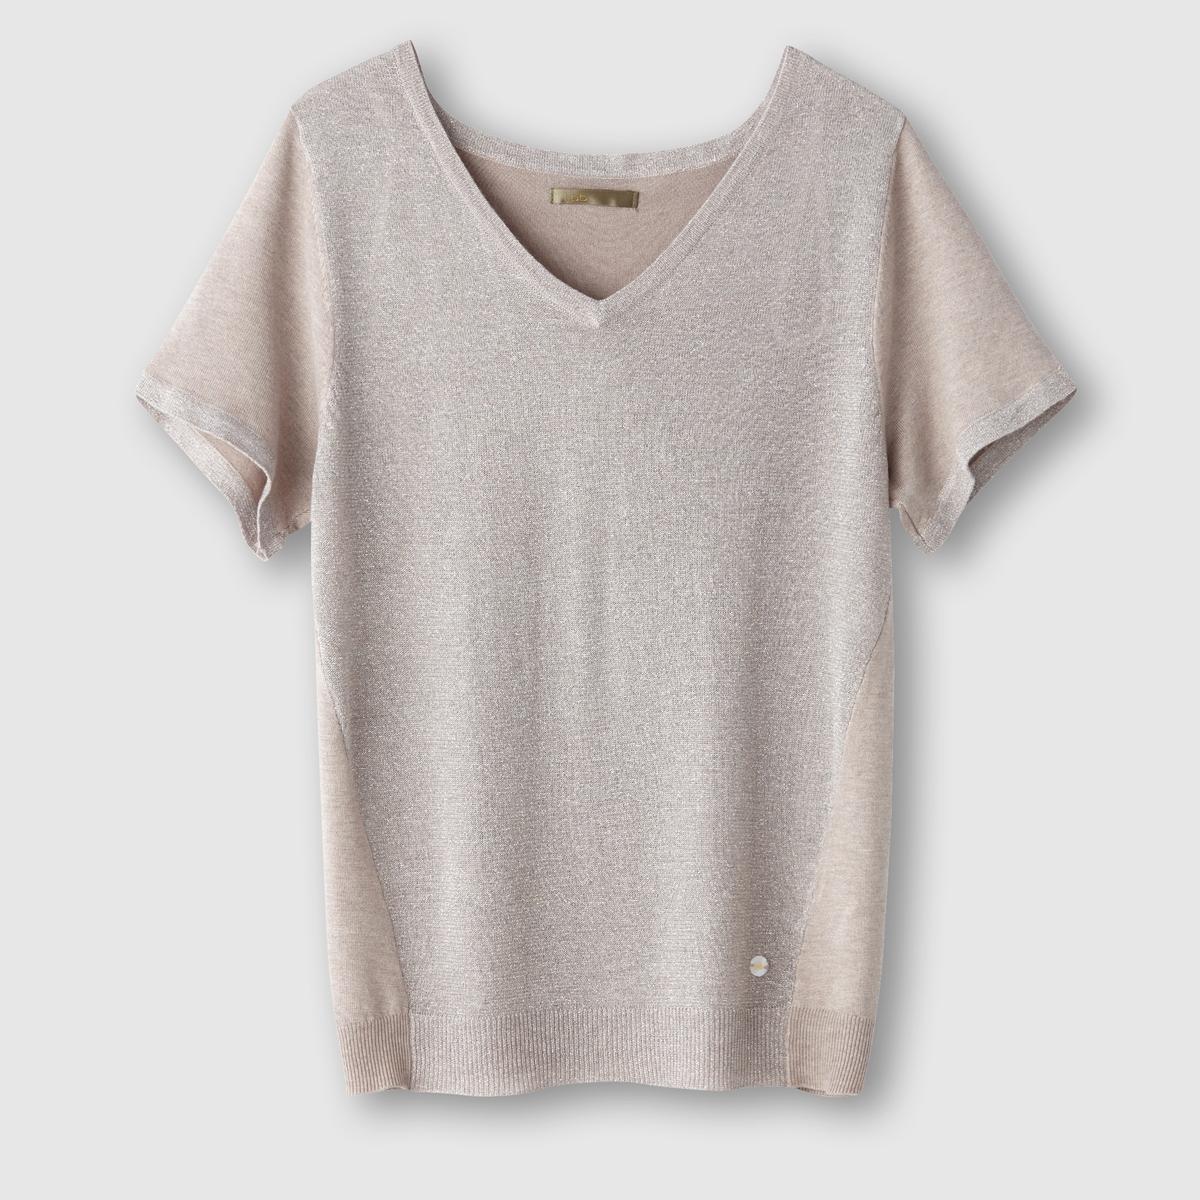 Пуловер с короткими рукавами и V-образным вырезомСостав и описаниеМарка: LES PTITES BOMBESМатериал: 78% вискозы, 19% полиамида, 3% эластана.<br><br>Цвет: бежевый